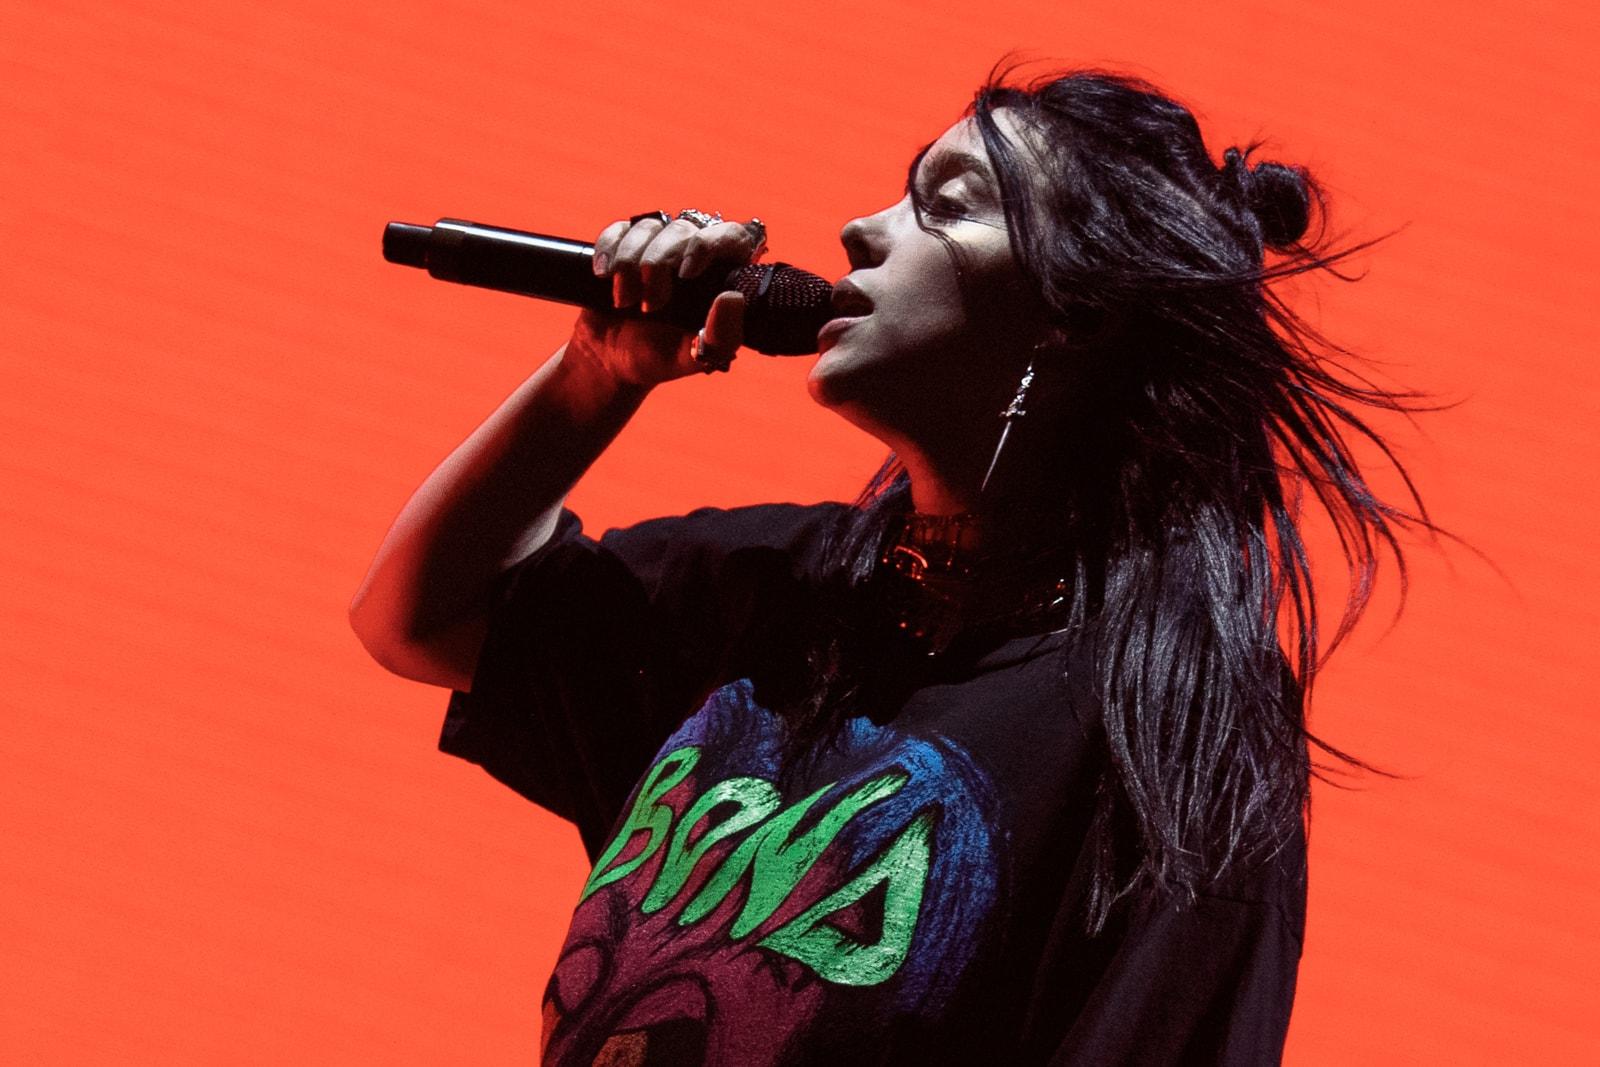 世界最強音樂祭 − HYPEBEAST 細數 Coachella 紀錄片關於人與事的 20 大關鍵字